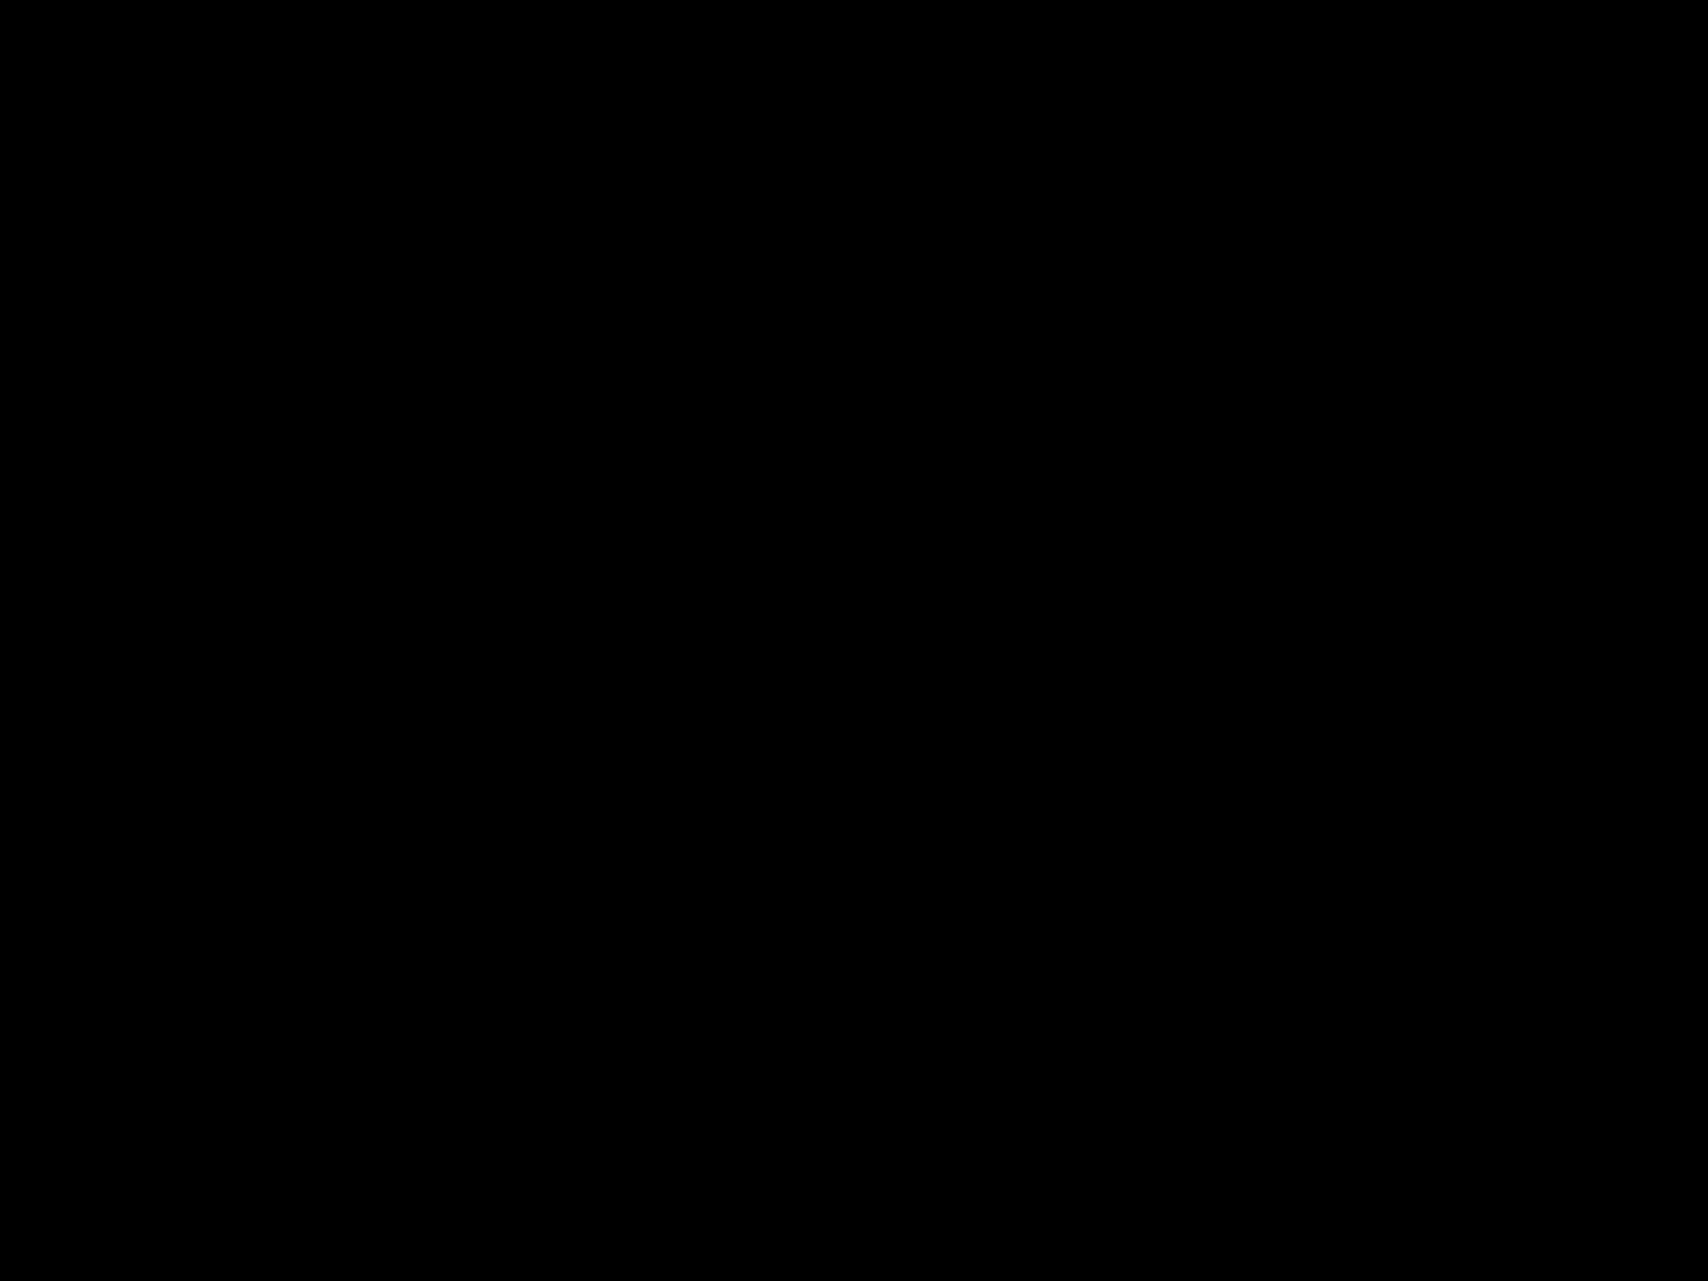 26623_01.jpg